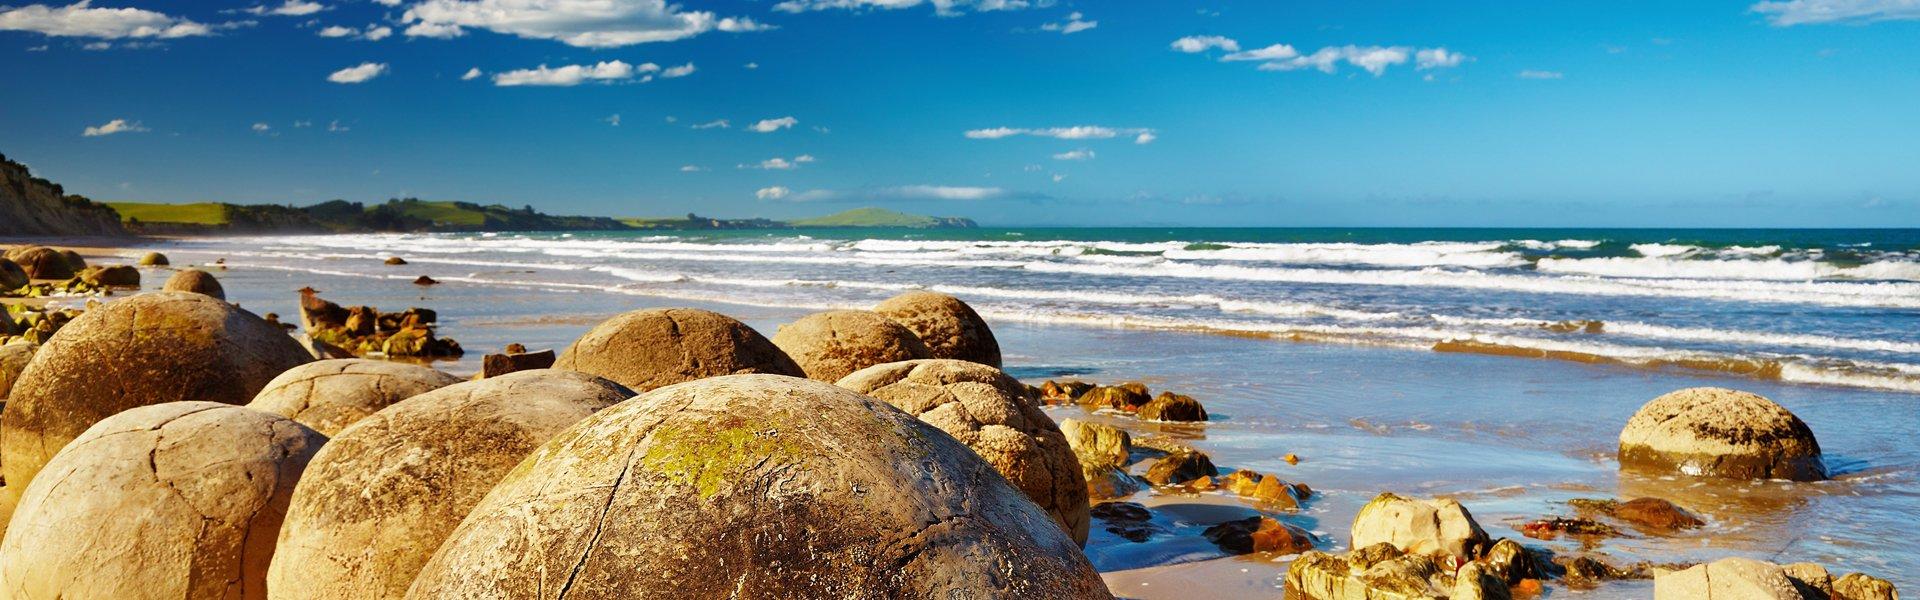 Moeraki boulders, Nieuw-Zeeland